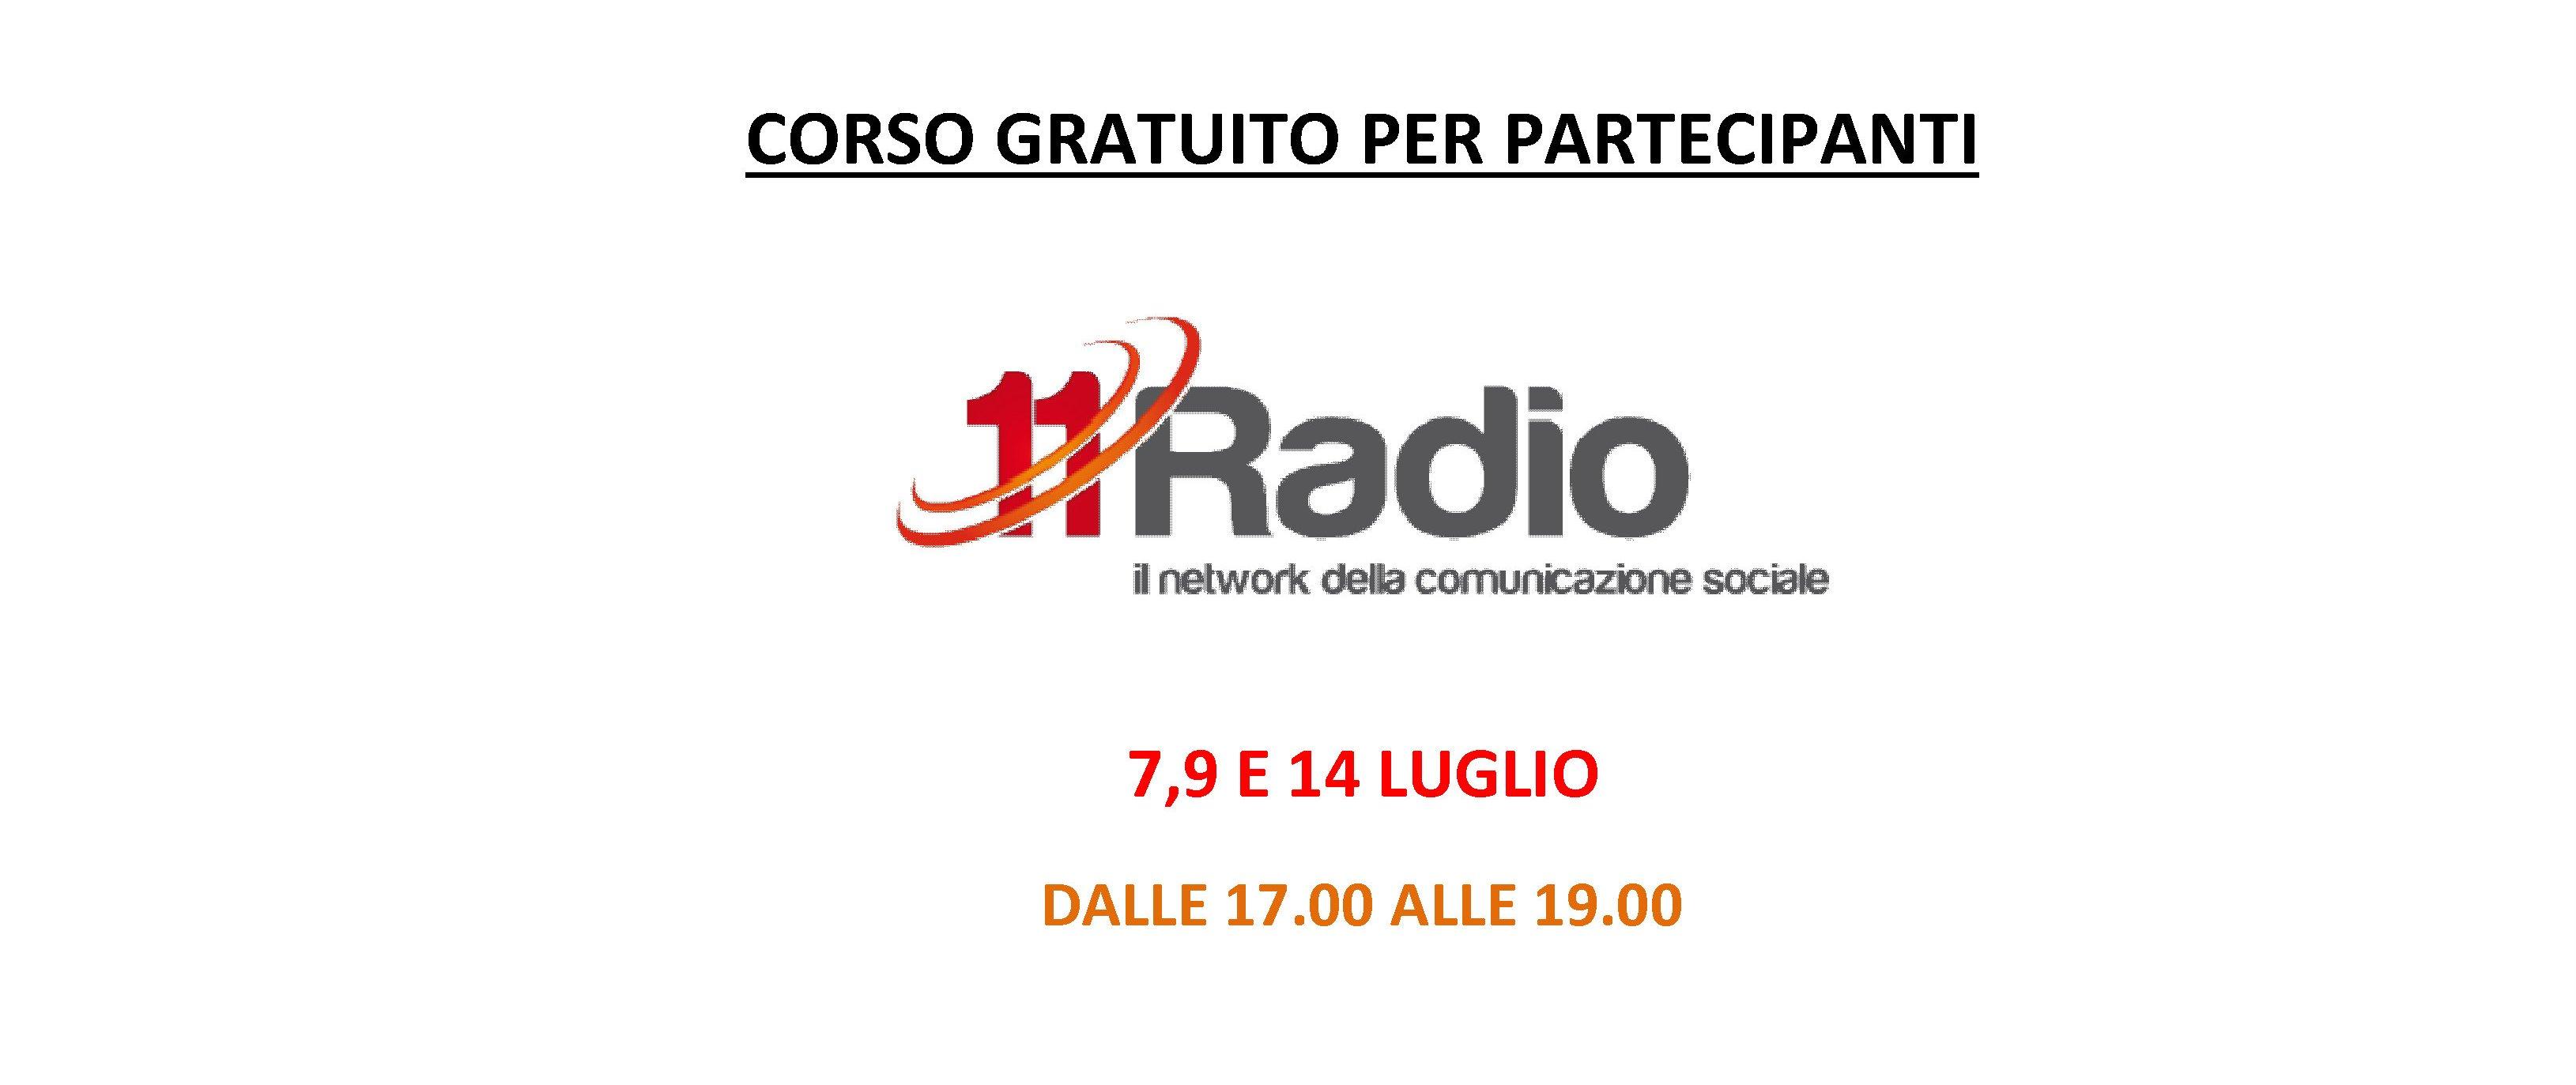 Corso Partecipanti 11Radio2